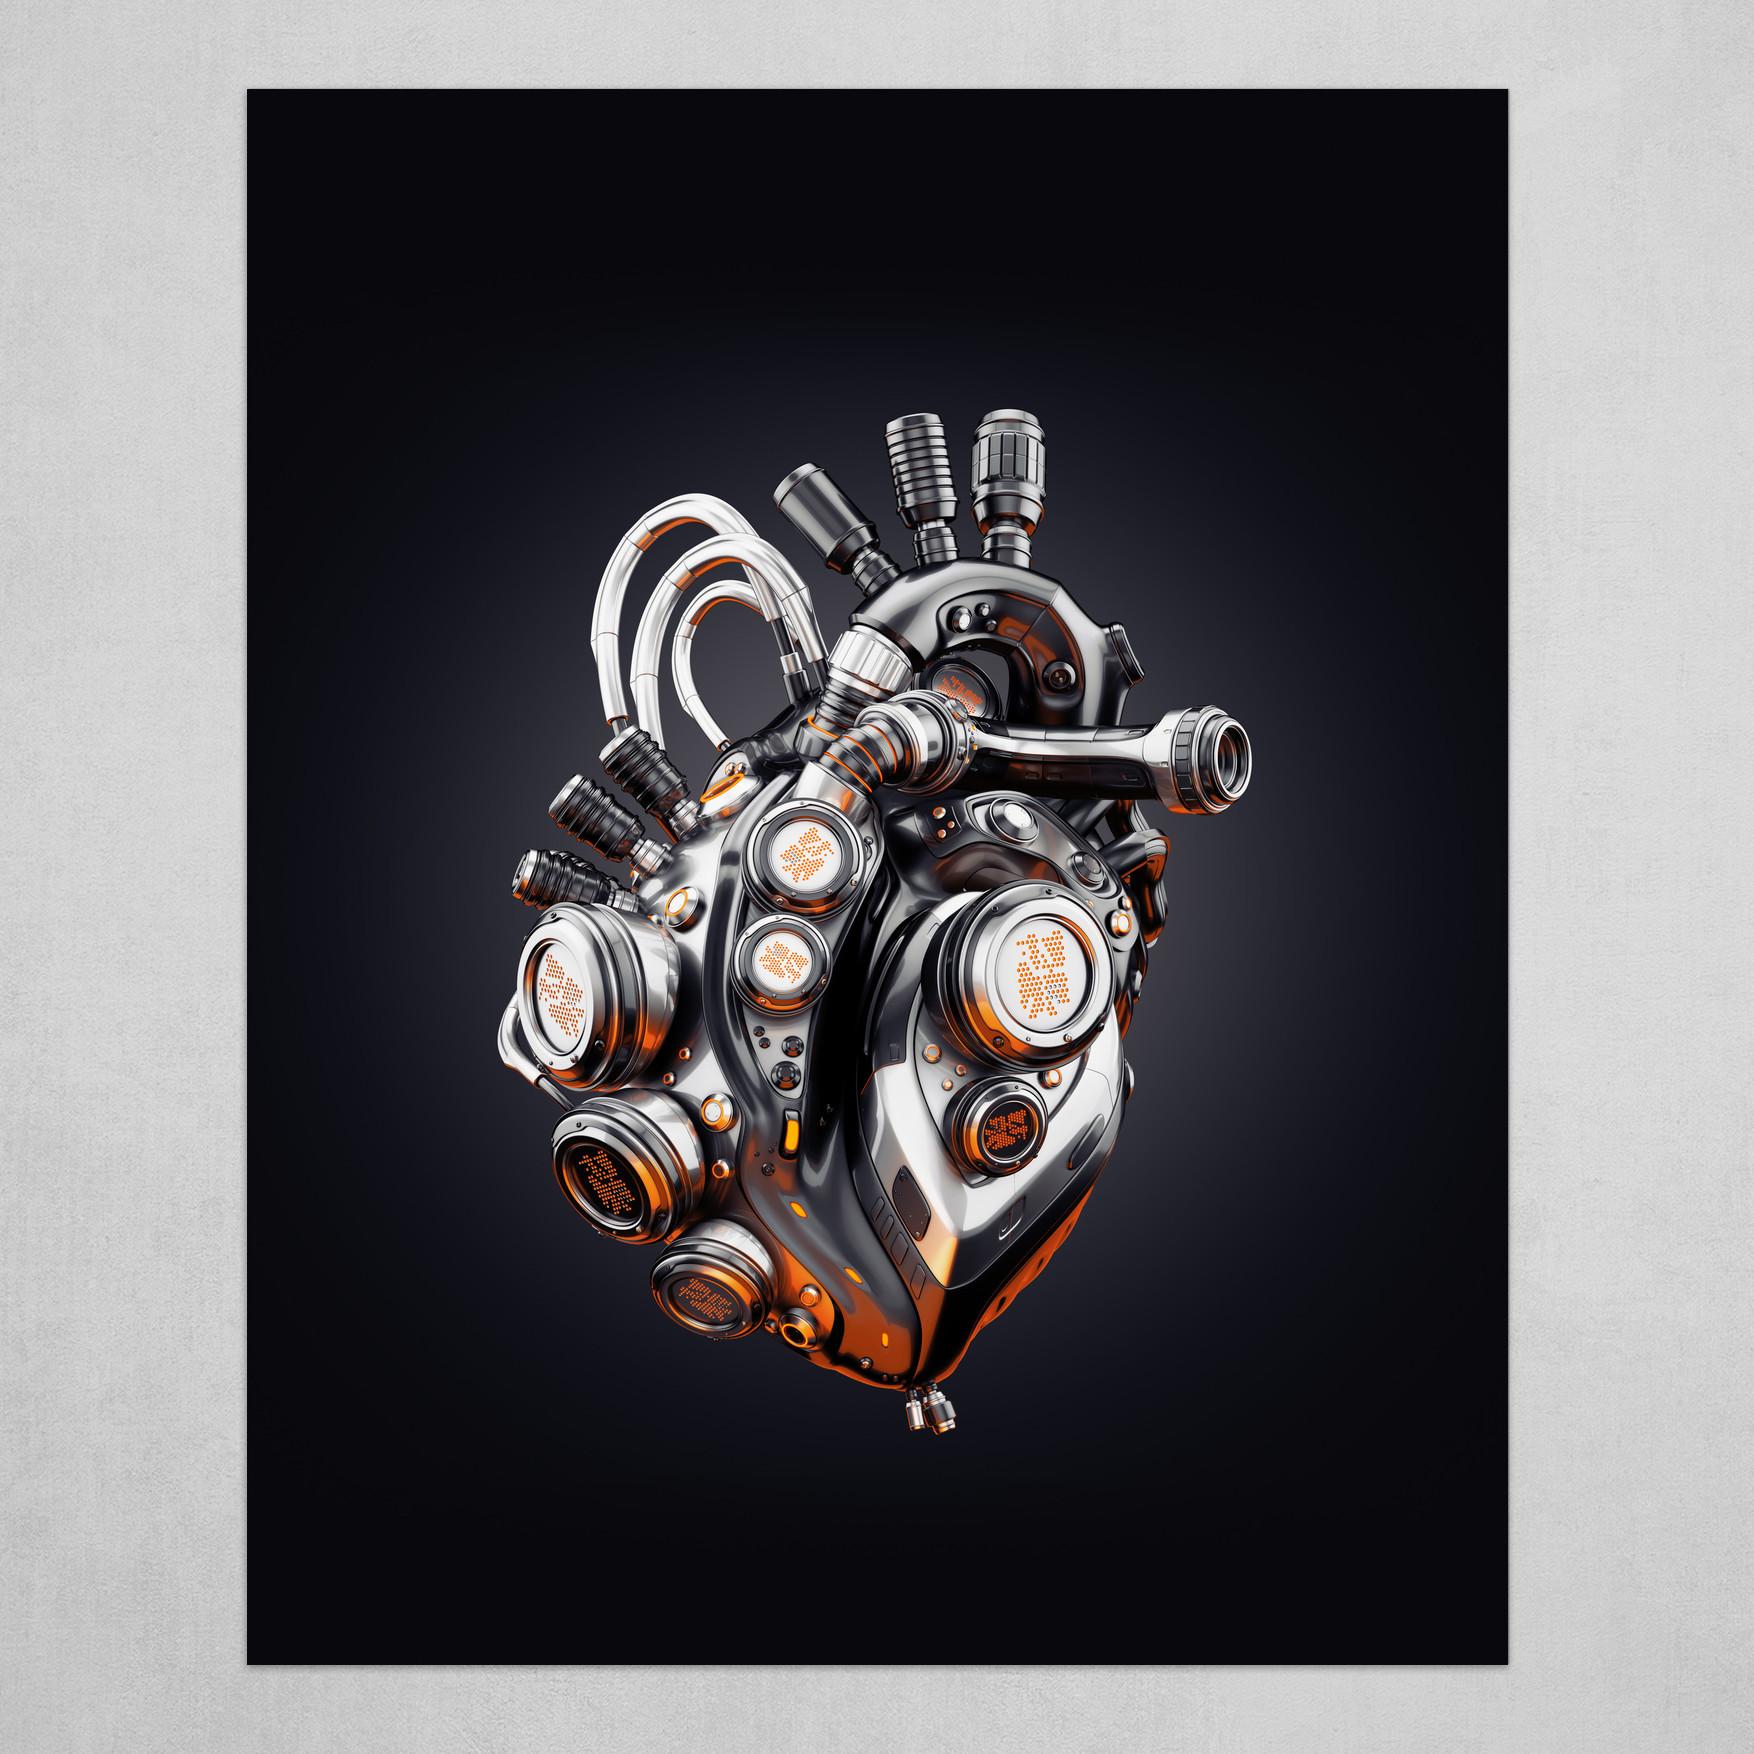 Steel robotic heart